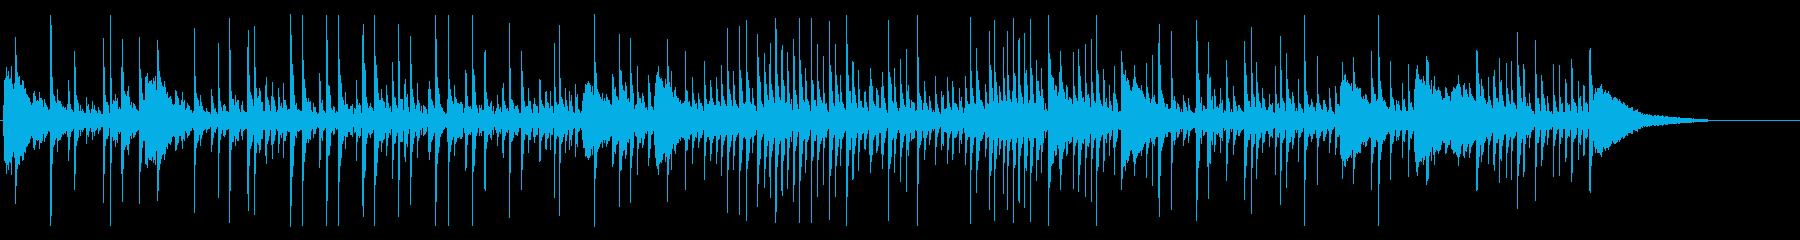 ドラムソロ、音楽、パーカッションド...の再生済みの波形